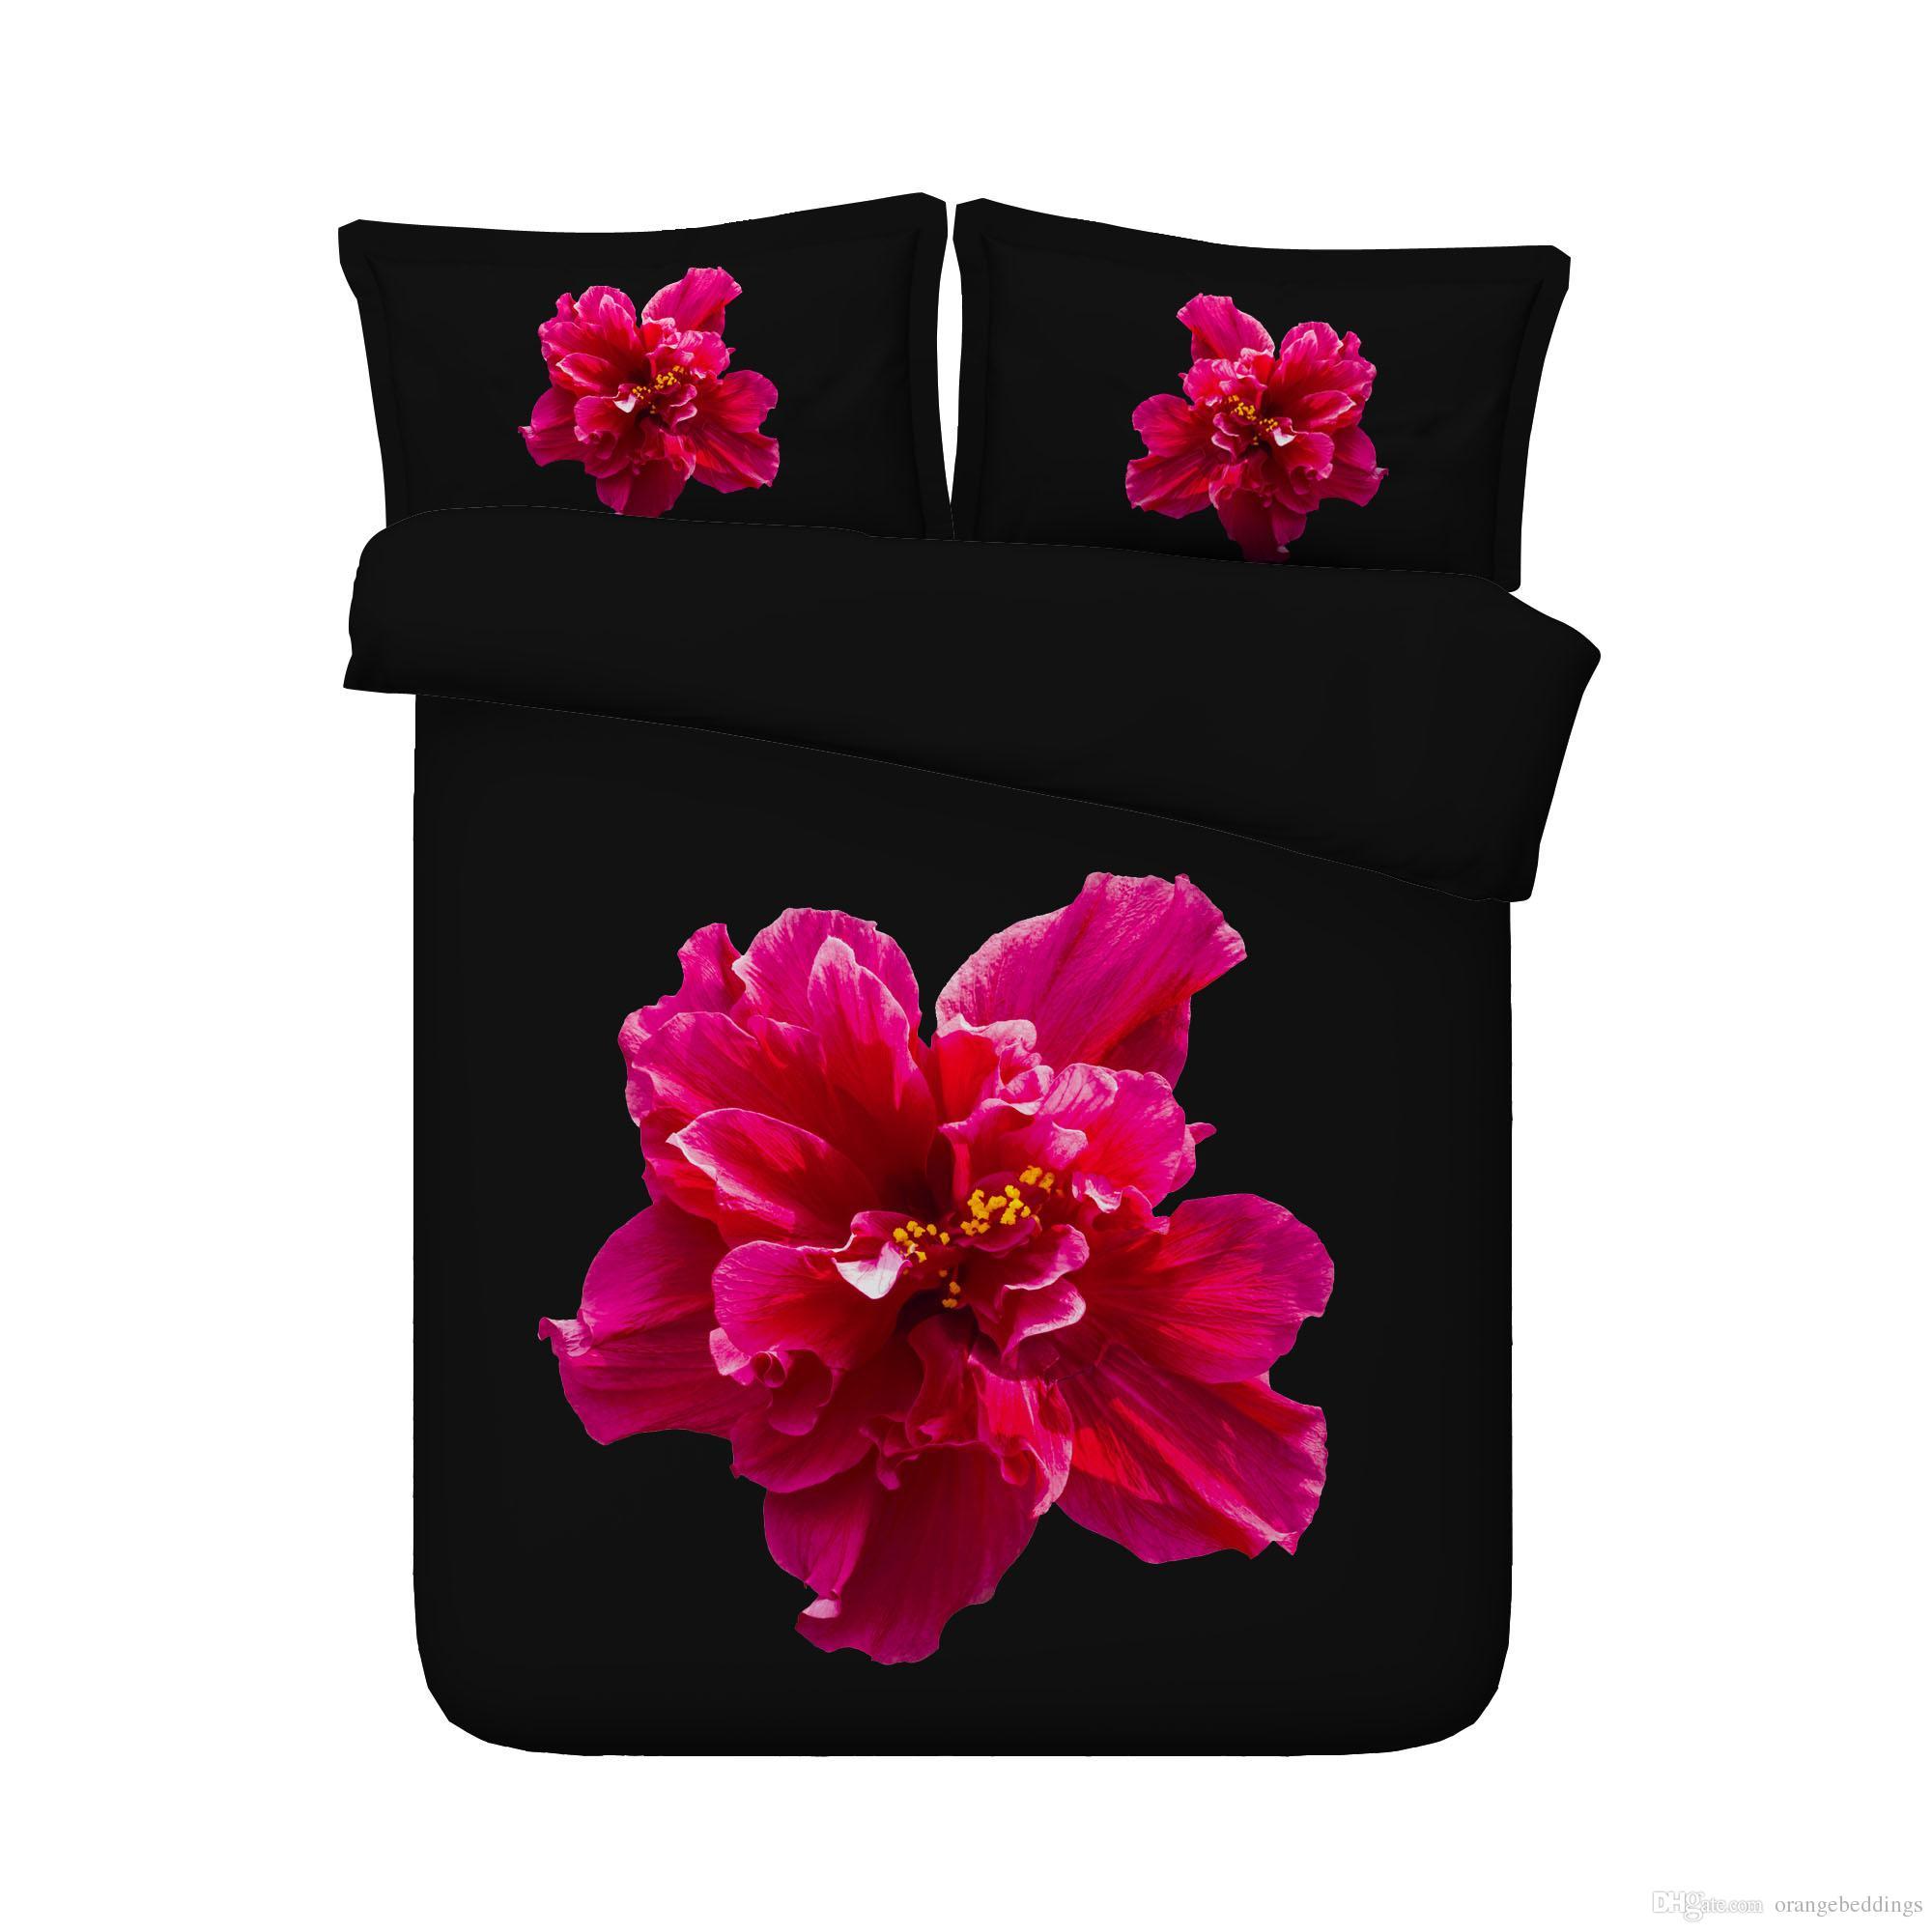 Floral Soft Black Set cama Blossom Consolador capa do edredon Jardim Flor capa de edredão borboleta Colcha Mulheres menina colorida Tampa Bed Rose